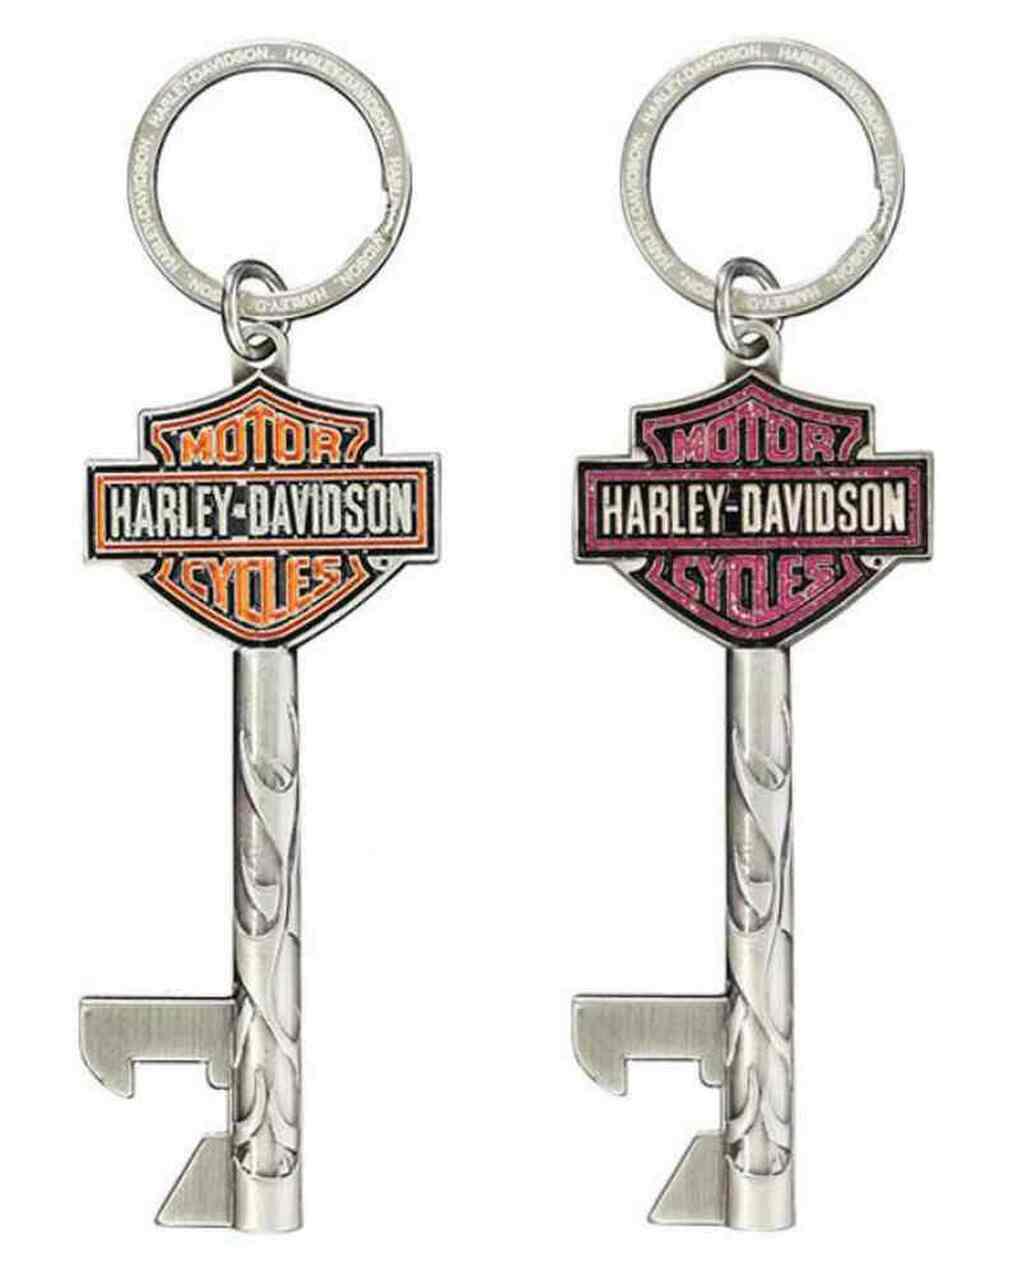 HARLEY DAVIDSON KEYCHAIN, B&S  KEYS, ANTIQUED 3D DIE CAST, SET OF 2